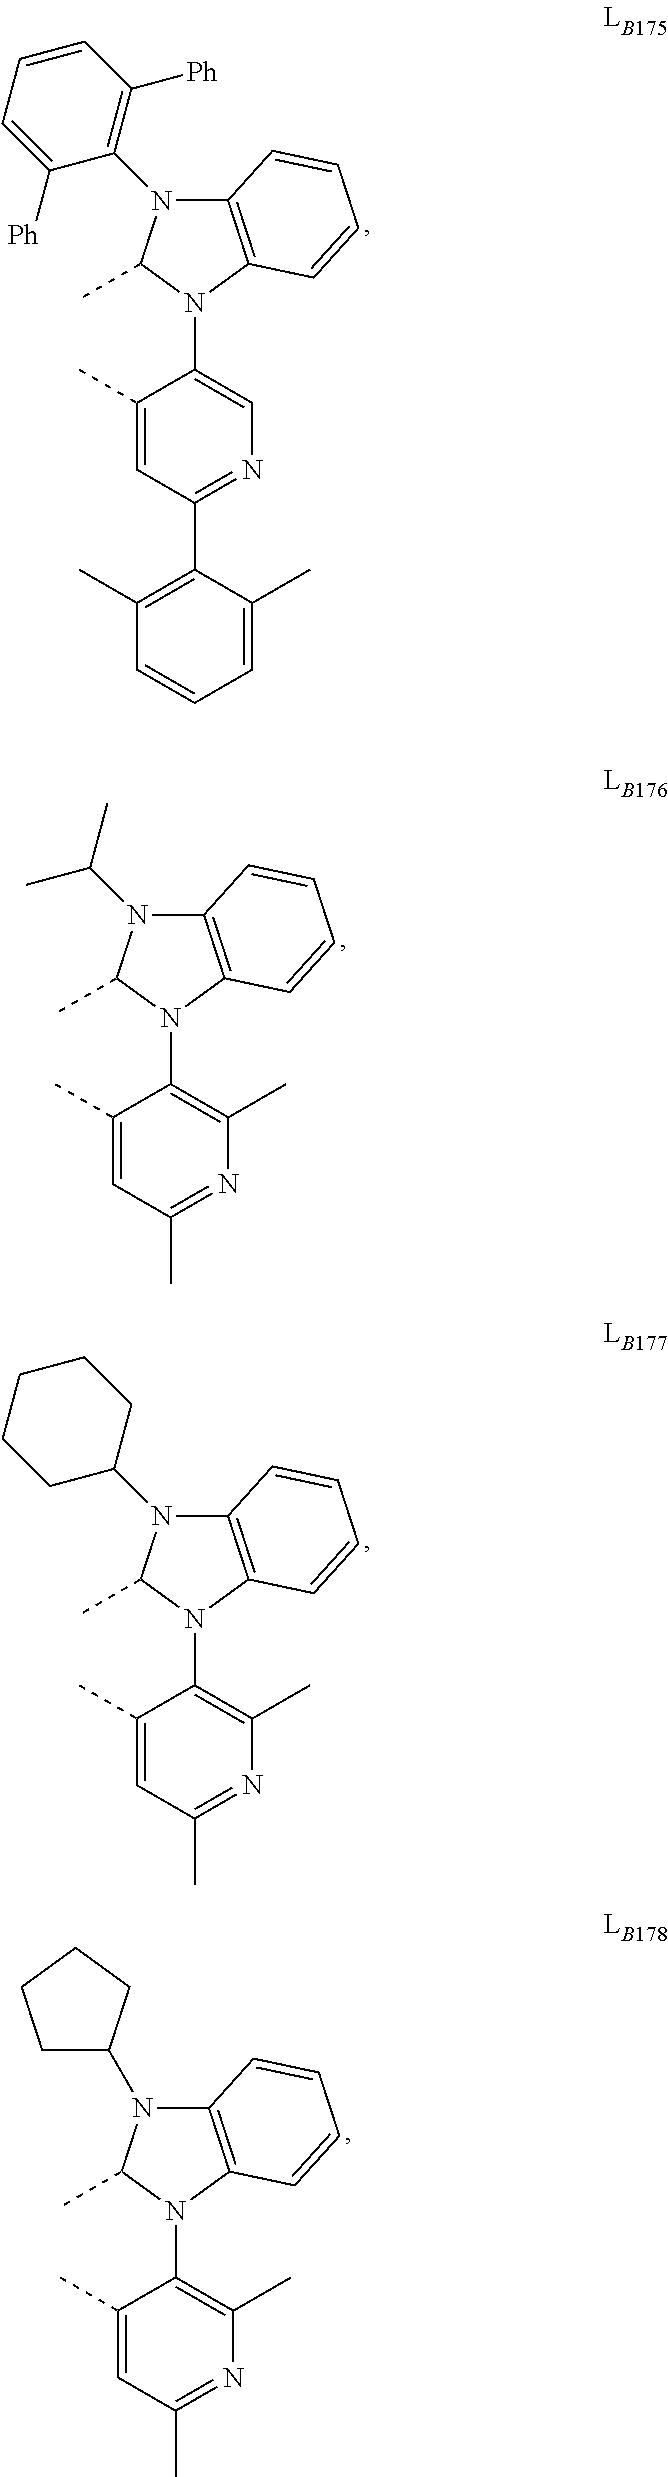 Figure US09905785-20180227-C00537